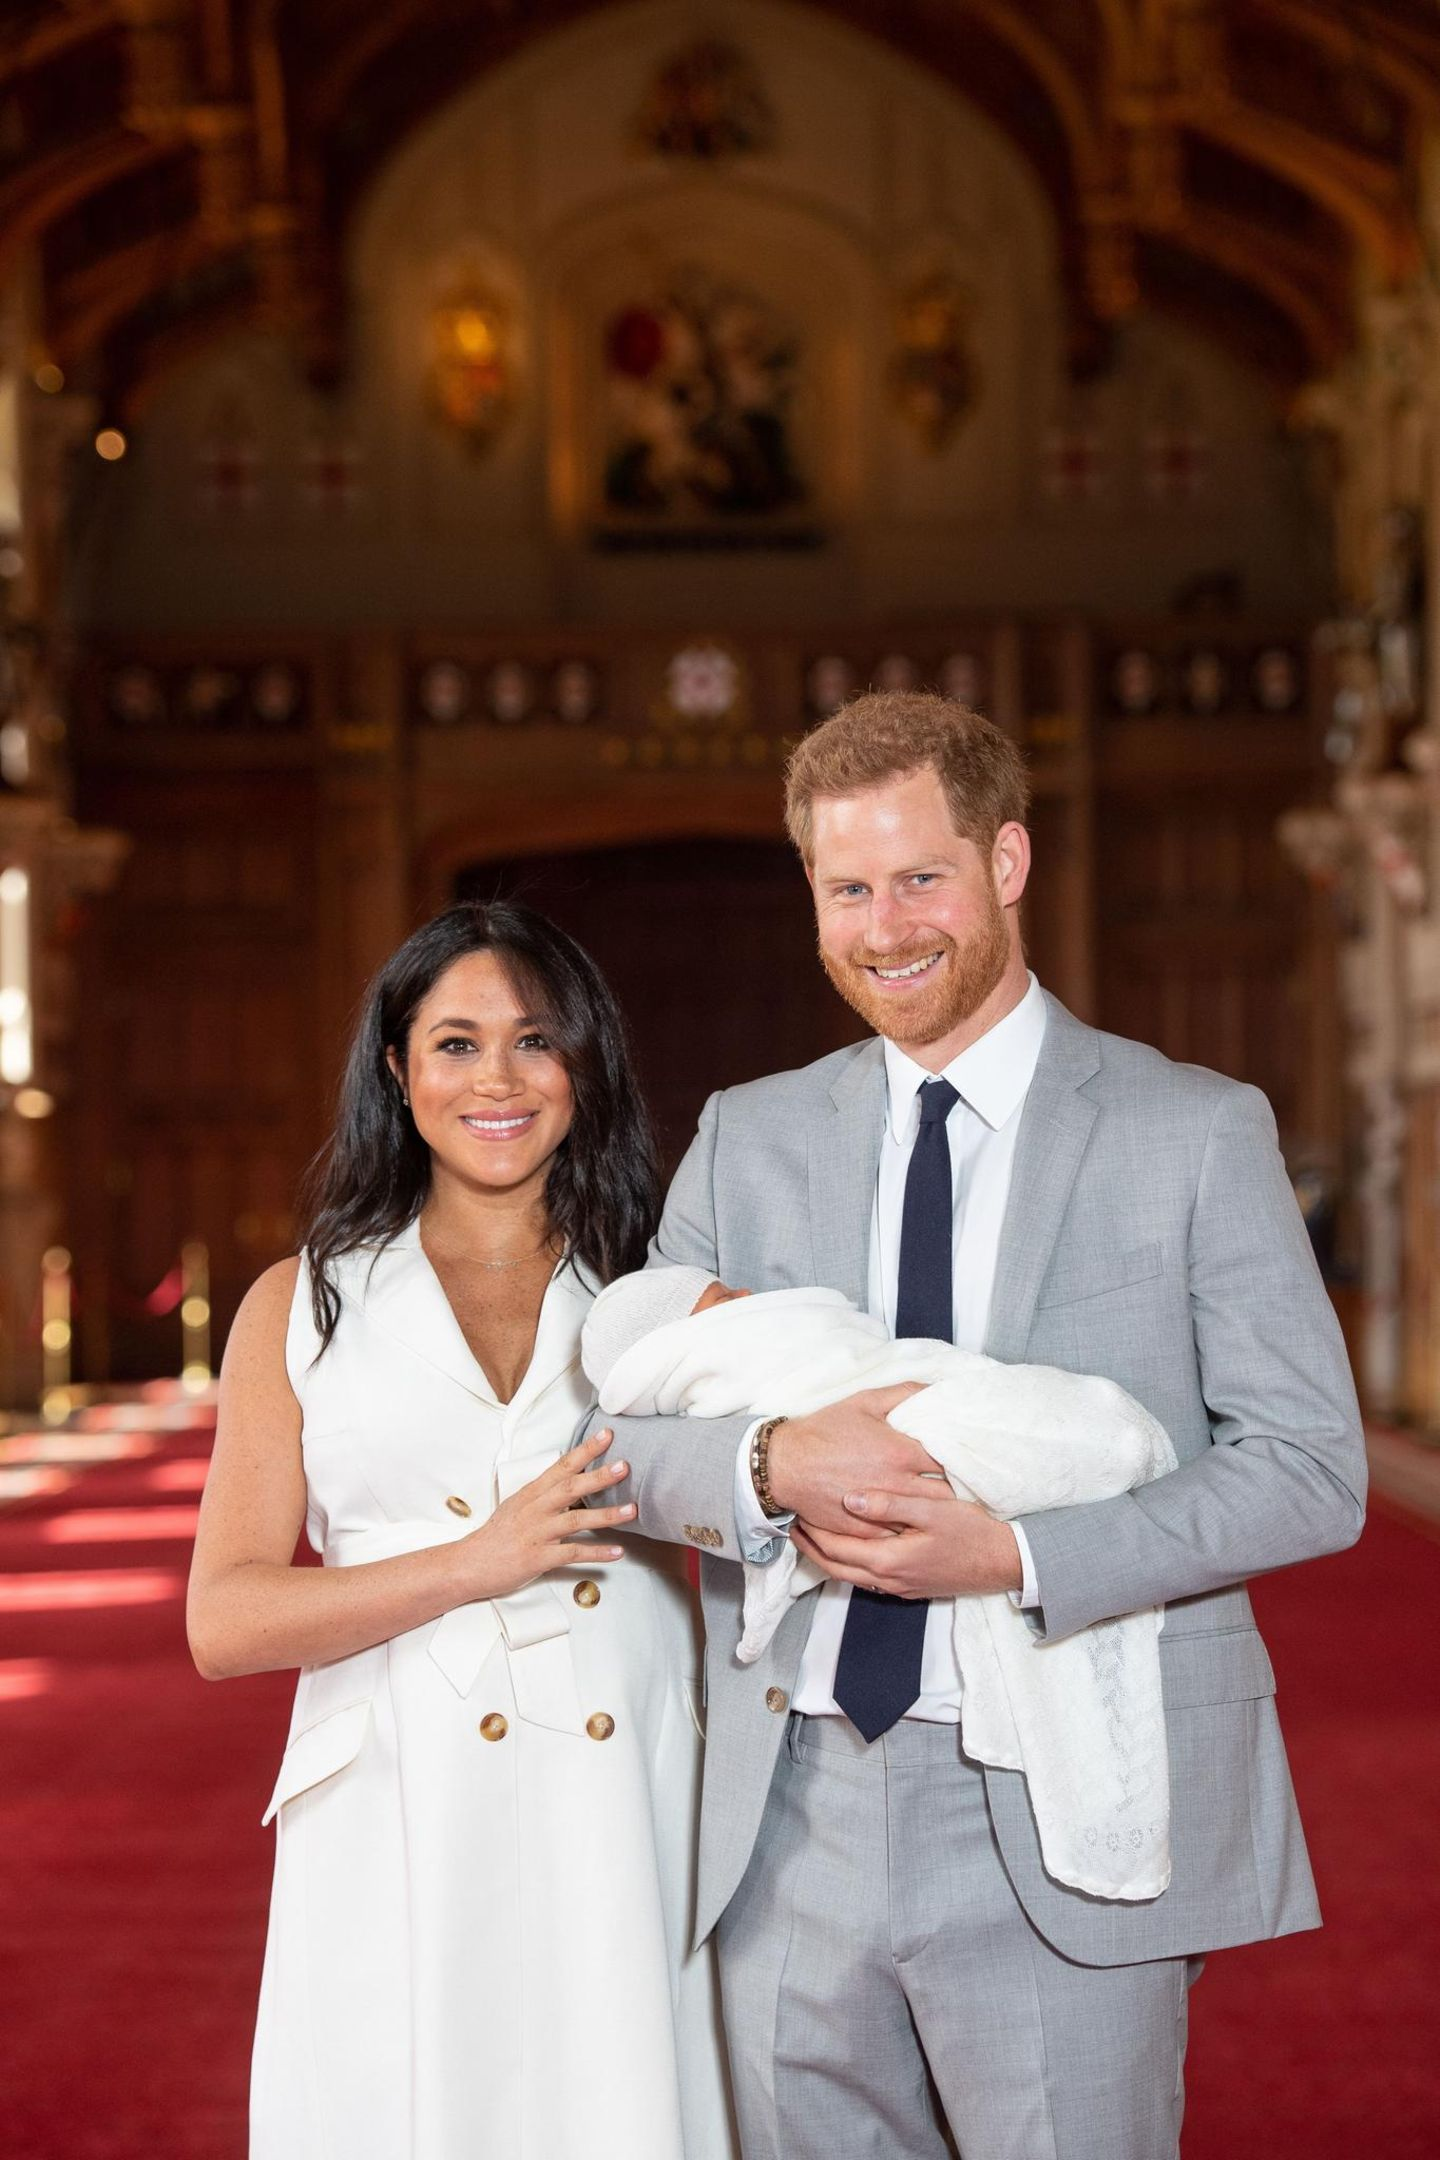 Herzogin Meghan + Prinz Harry: Auf diesen Moment hat die ganze Welt gewartet: Herzogin Meghan und Prinz Harry zeigen ihren neugeborenen Sohn zum ersten Mal in der Öffentlichkeit.